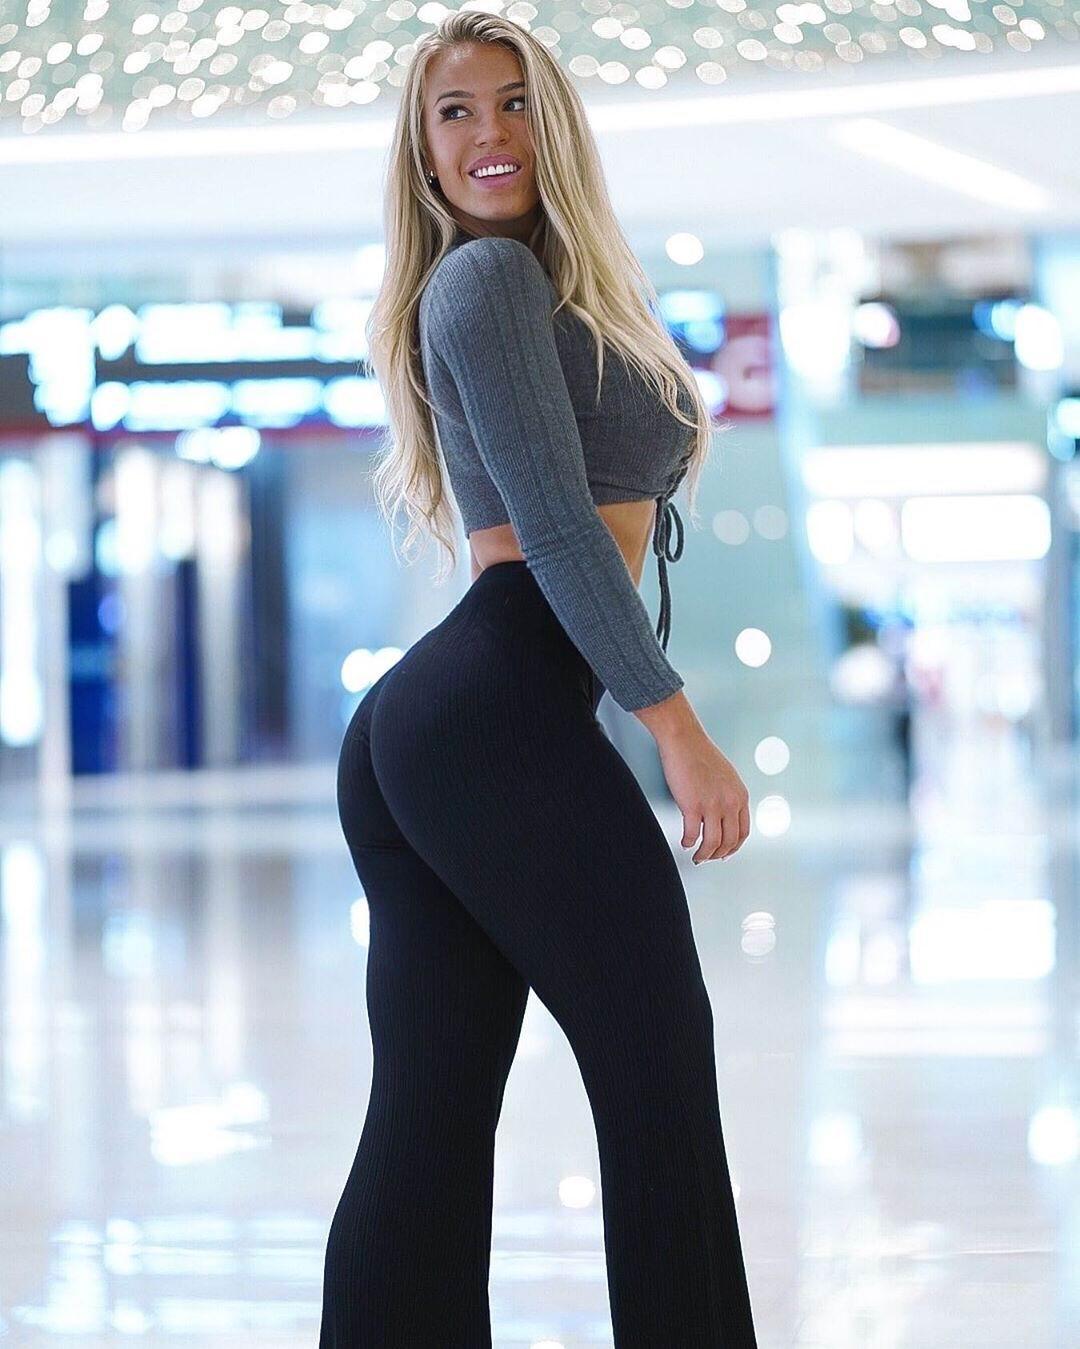 Model Deborah